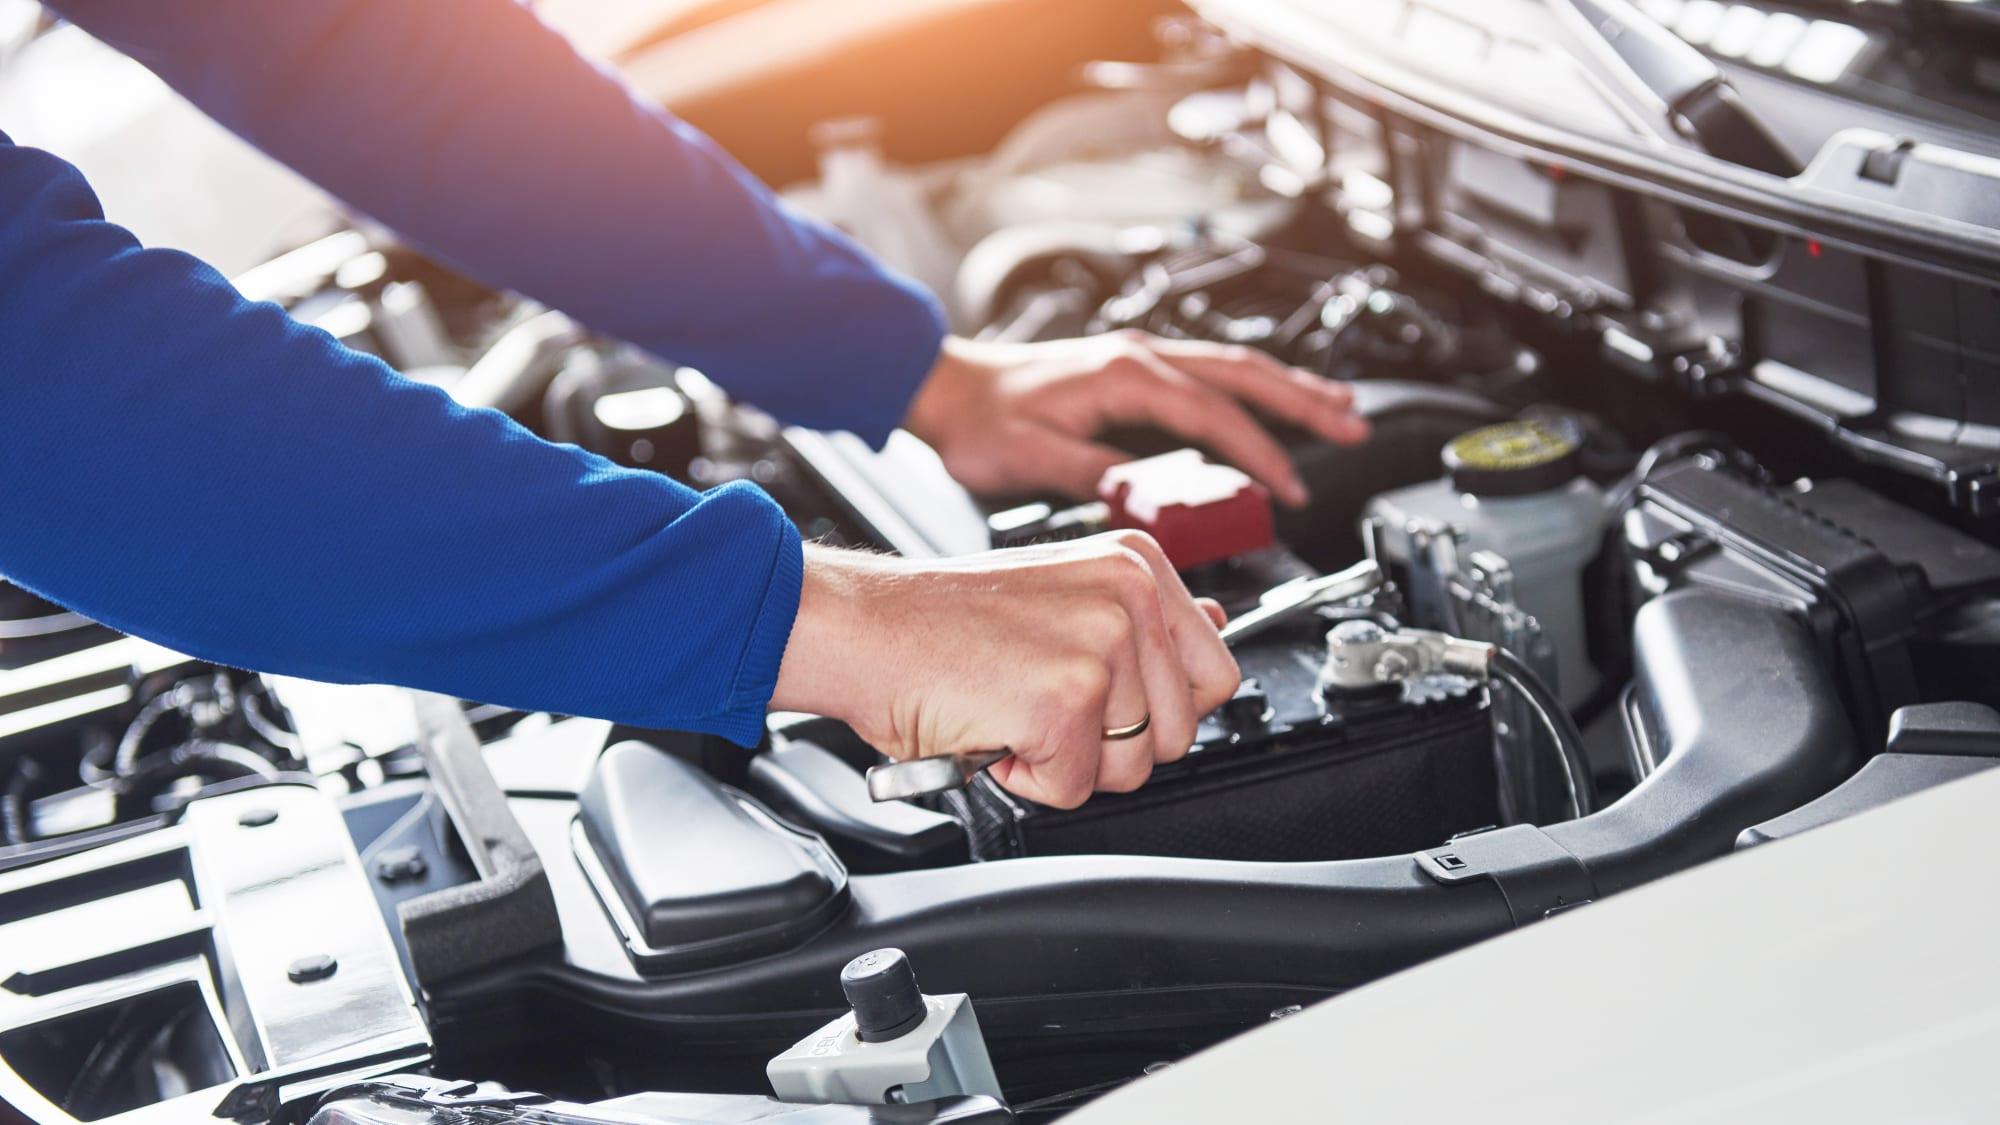 Mechankiker-Hände mit Werkzeug arbeiten an einem Motor